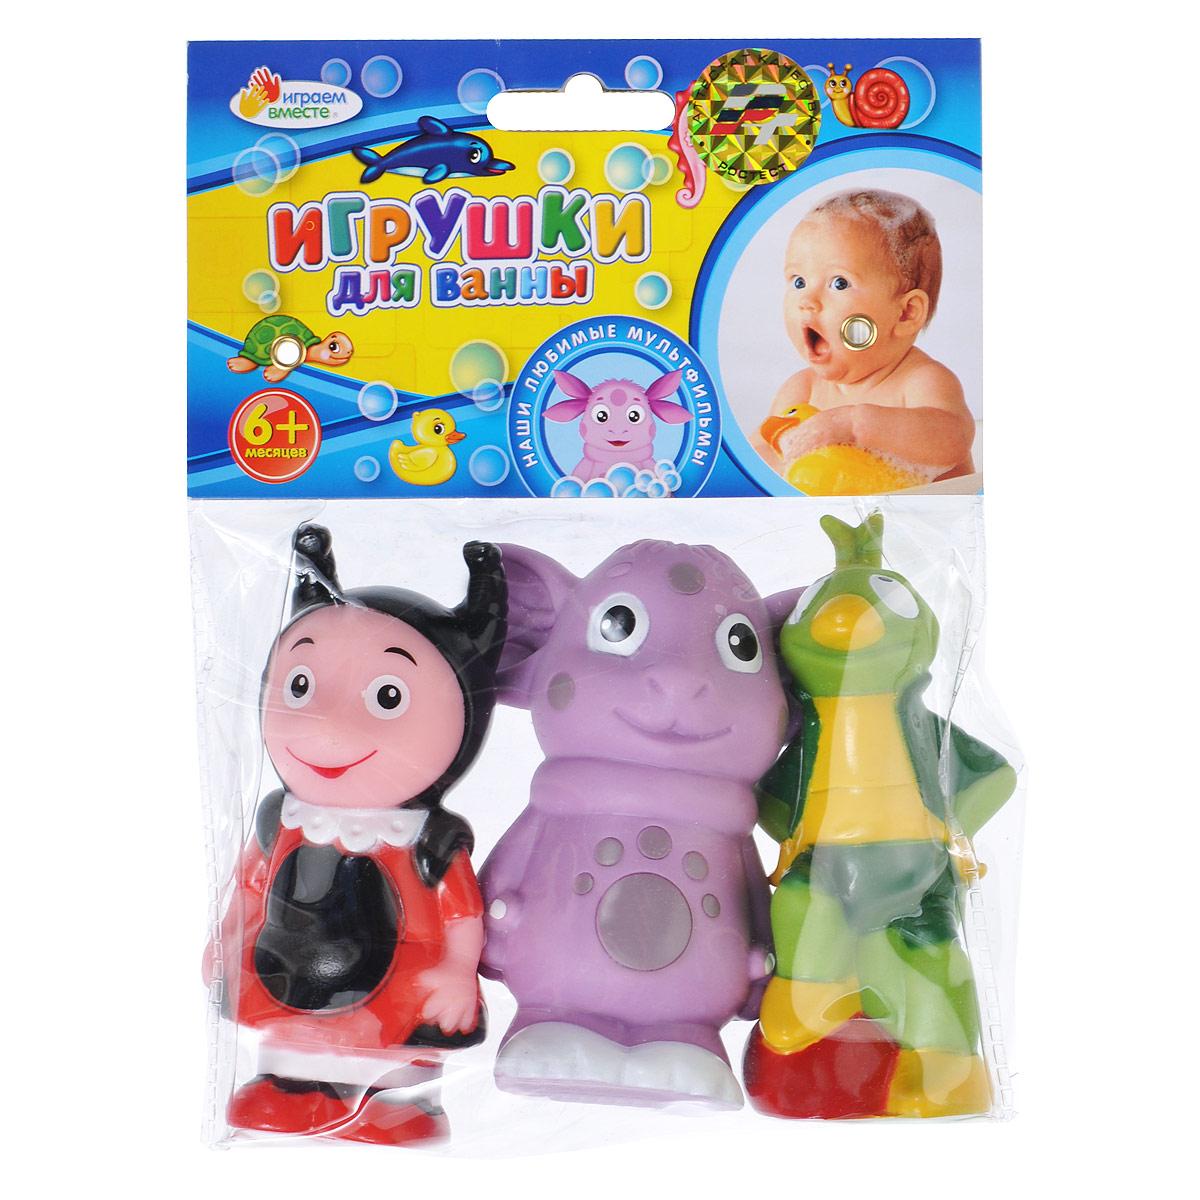 Набор игрушек для ванны Играем вместе Лунтик, Мила и Кузя, 3 шт141RUS-PVCНабор игрушек для ванны Играем вместе Лунтик, Мила и Кузя непременно понравится вашему ребенку и превратит купание в веселую игру! Яркие игрушки выполнены из безопасного ПВХ в виде Лунтика, Милы и Кузи - персонажей мультсериала Приключения Лунтика и его друзей. Если сжать игрушки, раздастся веселый писк. Оригинальный стиль и великолепное качество исполнения делают этот набор чудесным подарком к любому празднику, а жизнерадостные образы представят такой подарок в самом лучшем свете. Рекомендуемый возраст: от 6 месяцев.